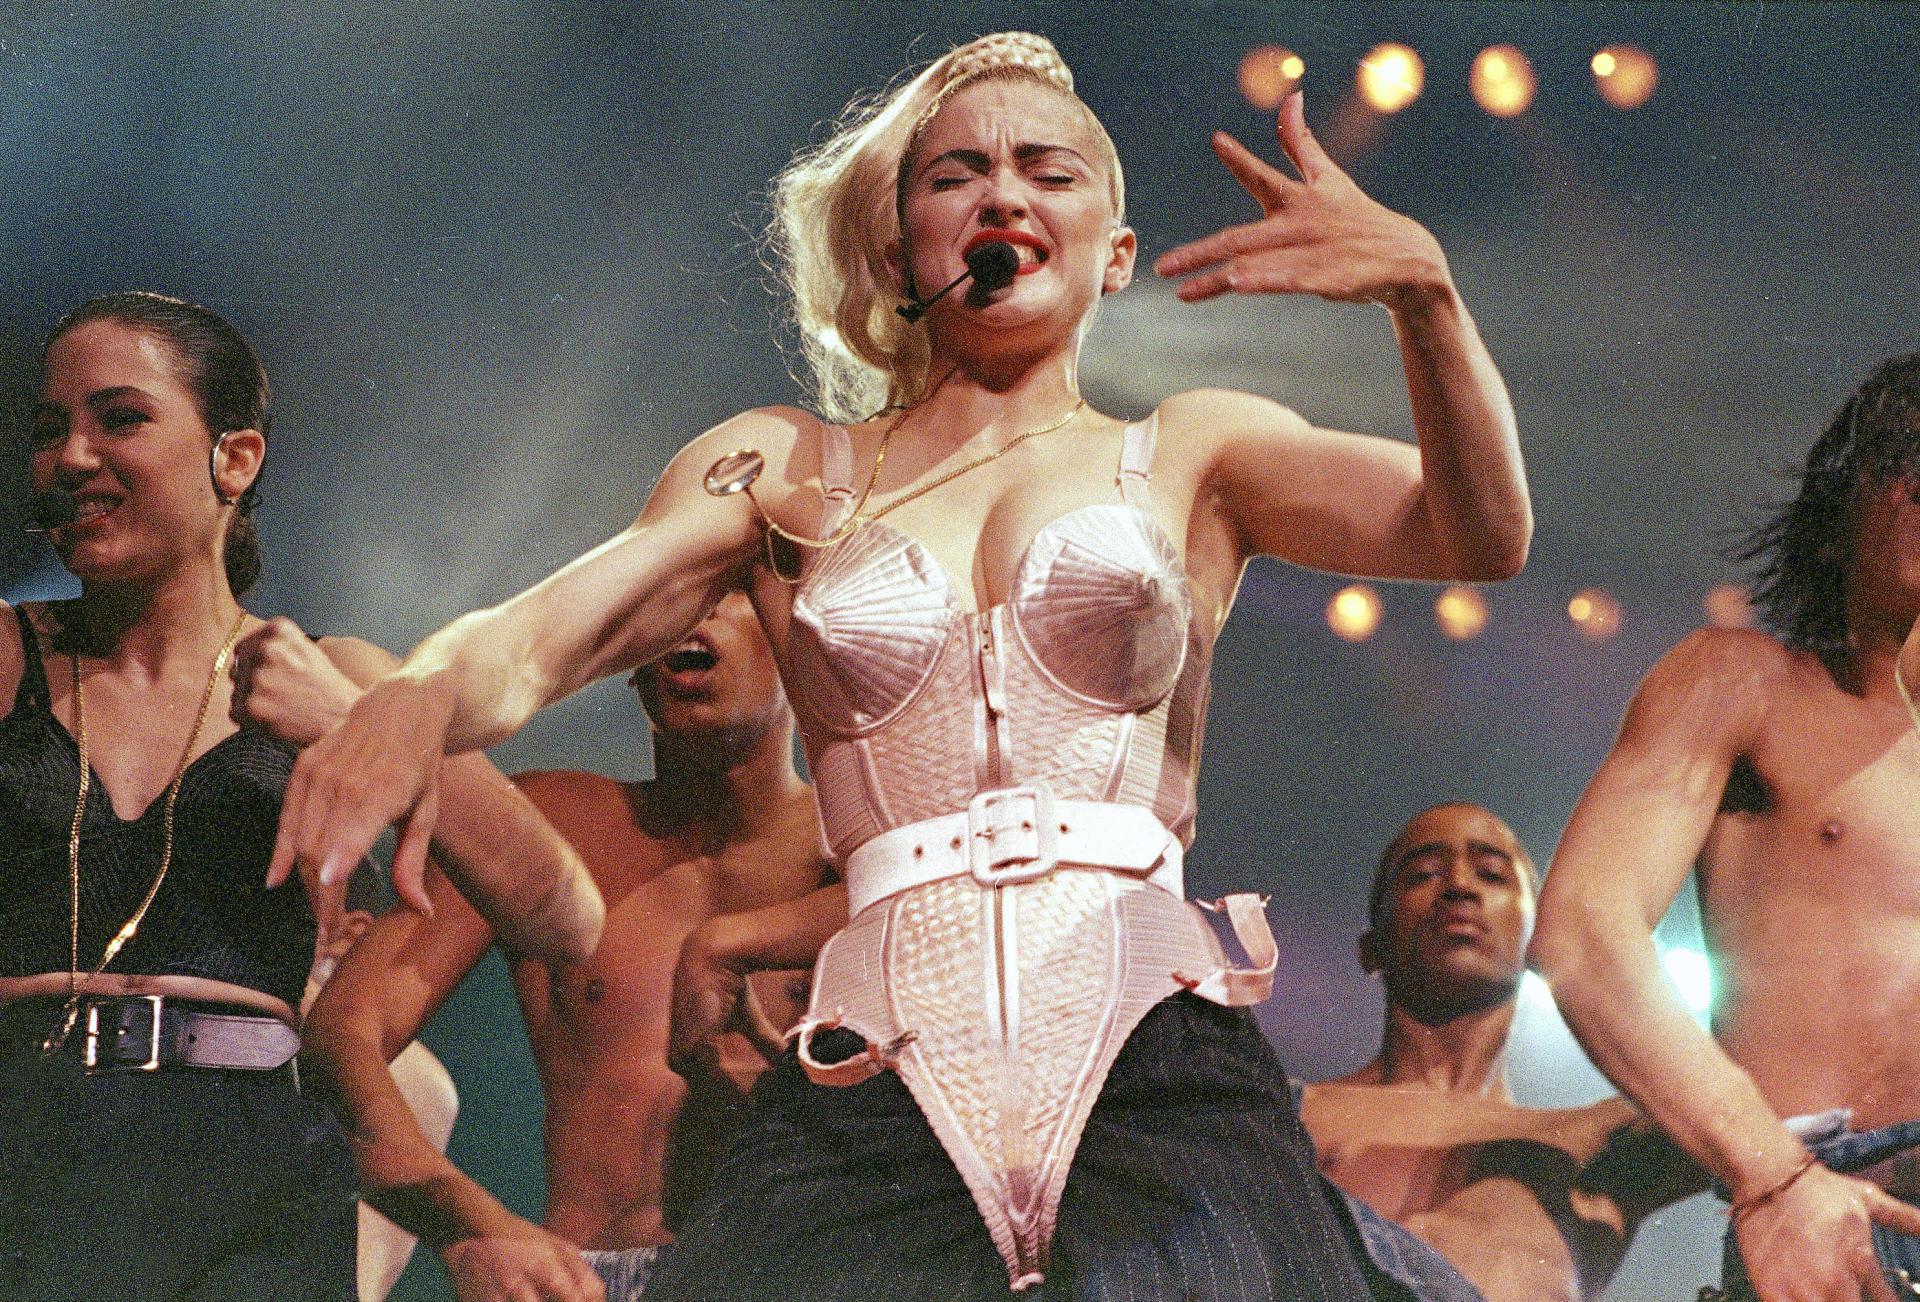 La tournée Blond Ambition de Madonna, dans son corset Gaultier devenu célèbre.